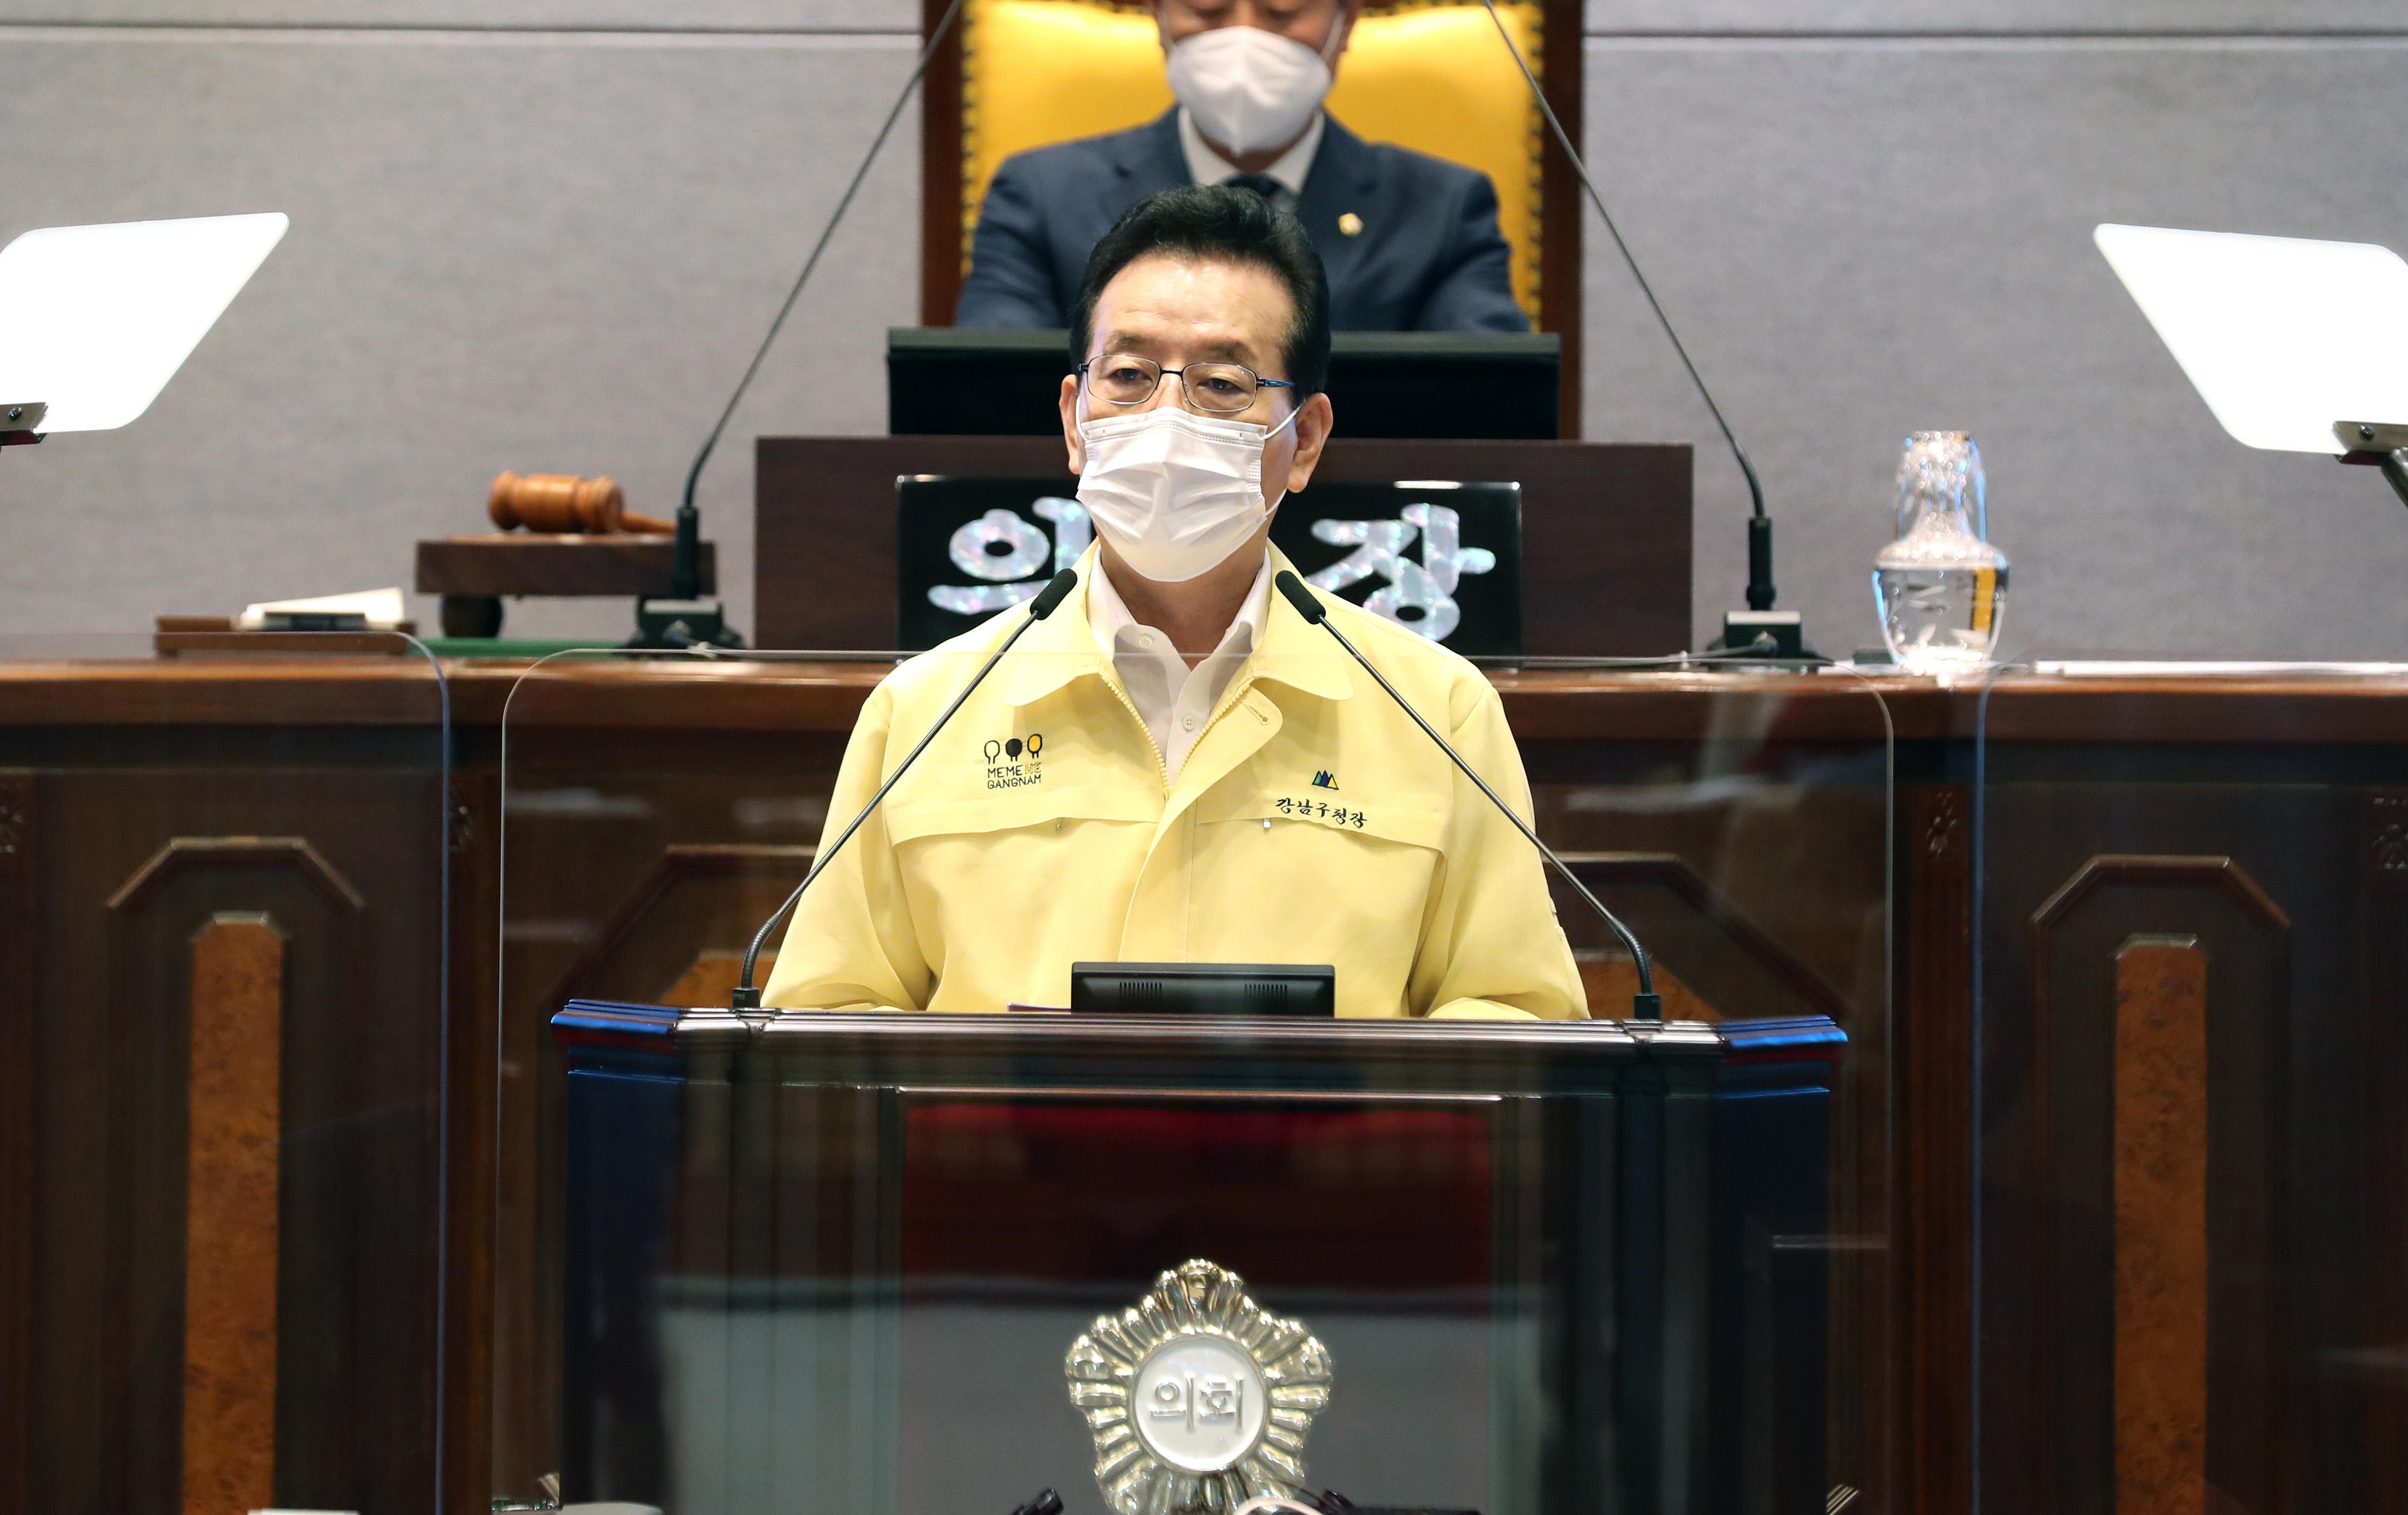 정순균 강남구청장은 16일 제288회 강남구의회 임시회에 출석, 2020년도 제2회 추가경정예산안 제출에 따른 시정연설을 통해 총491억원 규모의 예산안을 설명했다.